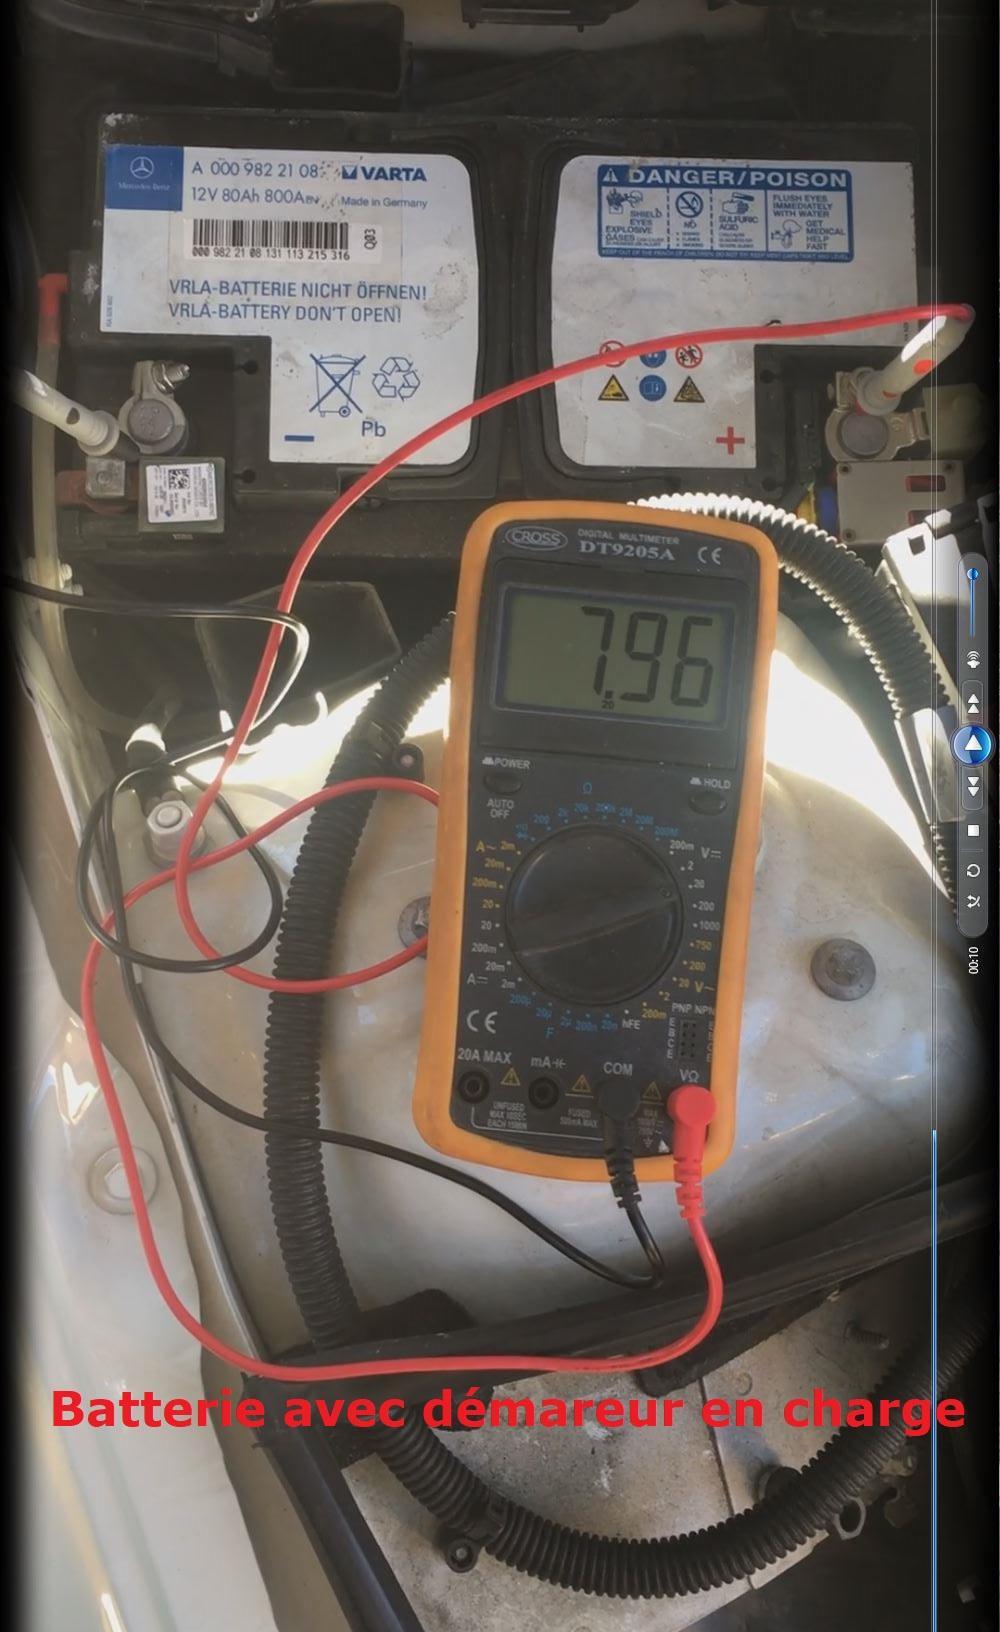 Batterie avec démareur en charge